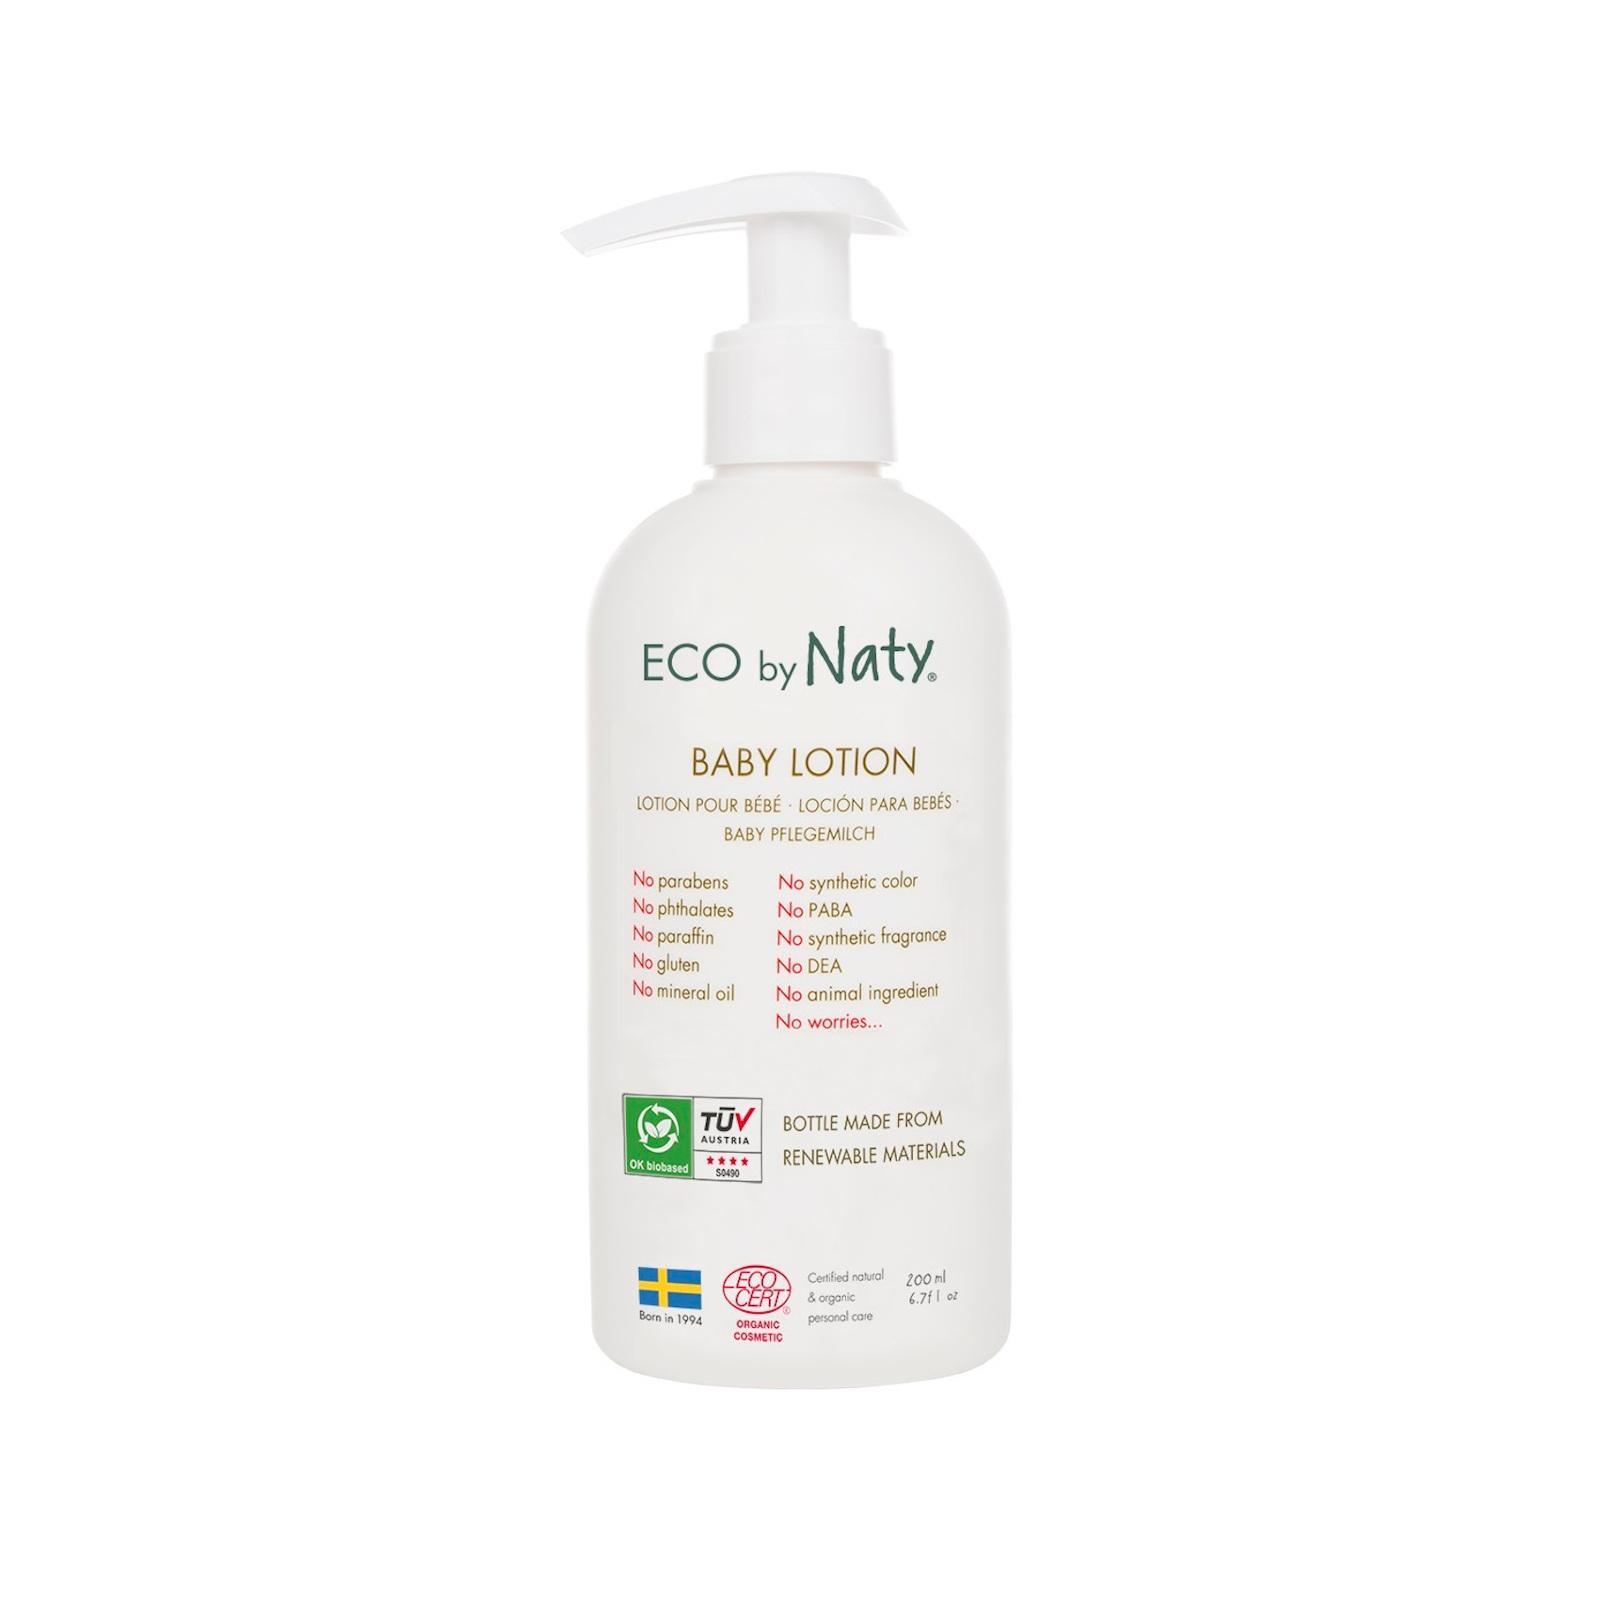 Eco by Naty - Dětské tělové mléko, 200 ml